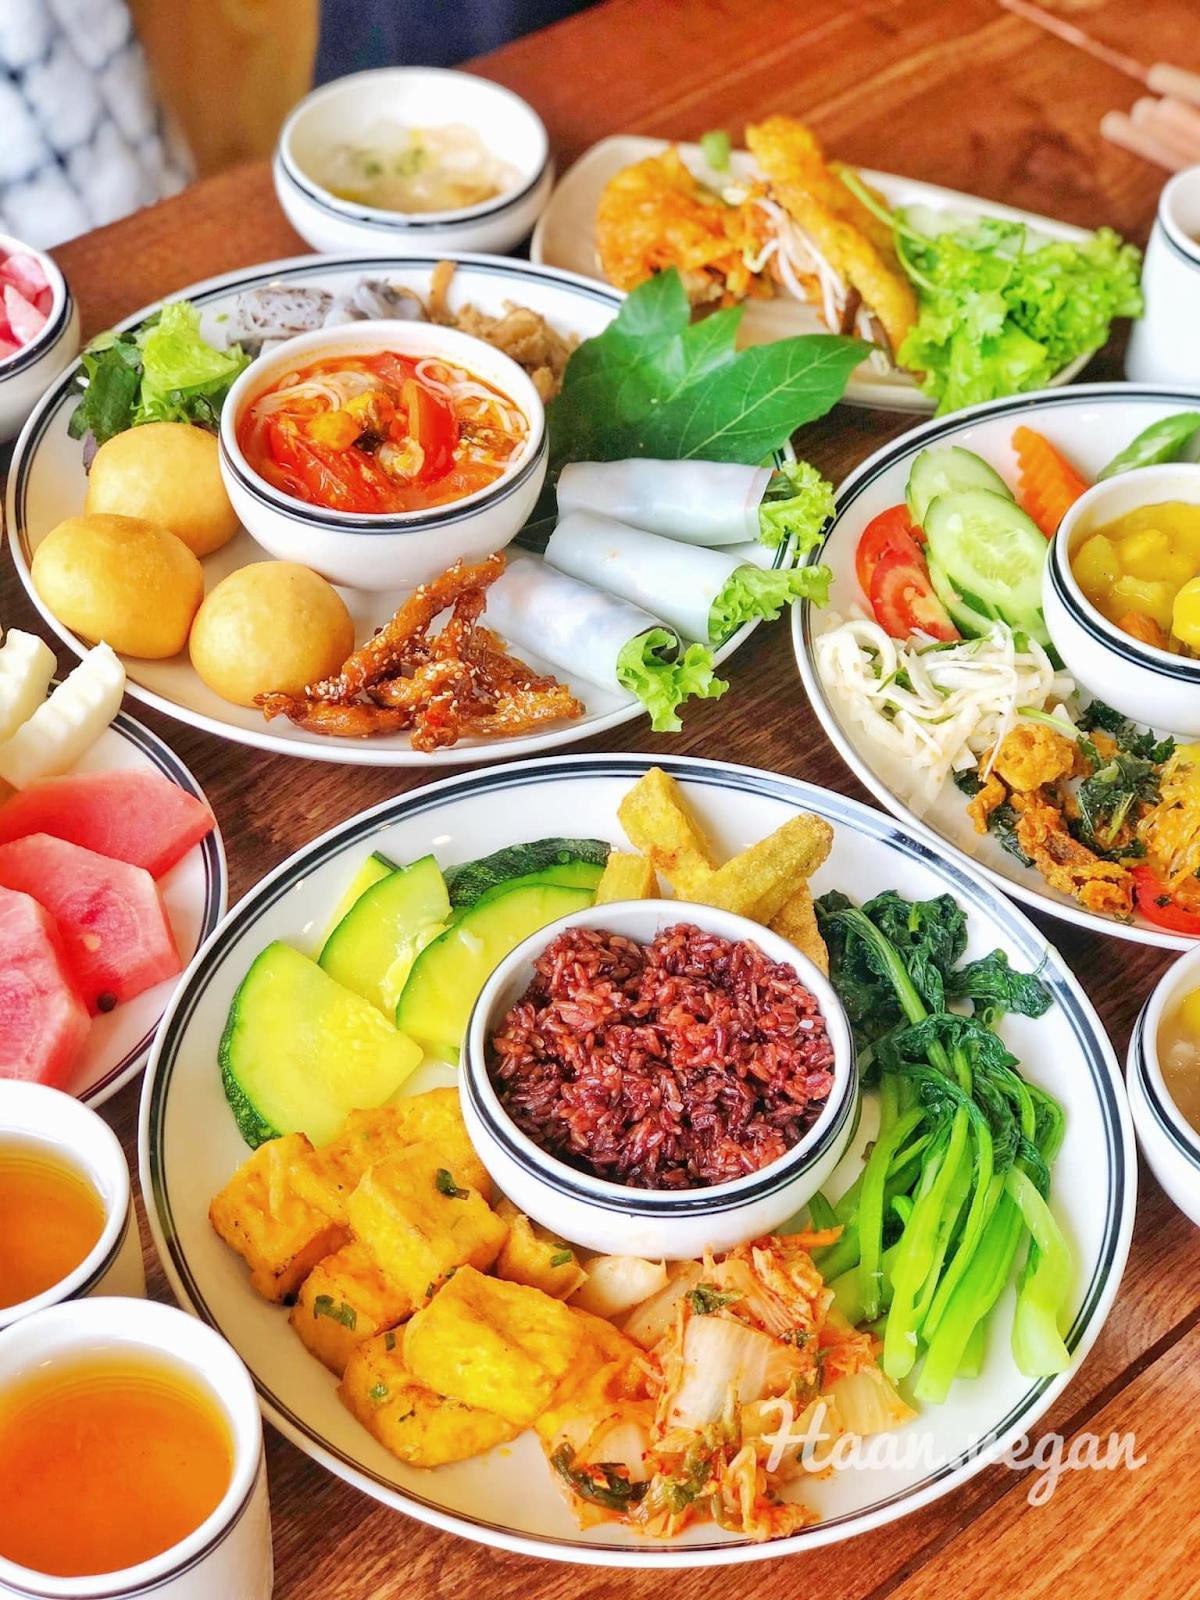 Nhà hàng buffet chay Haan Vegetarian